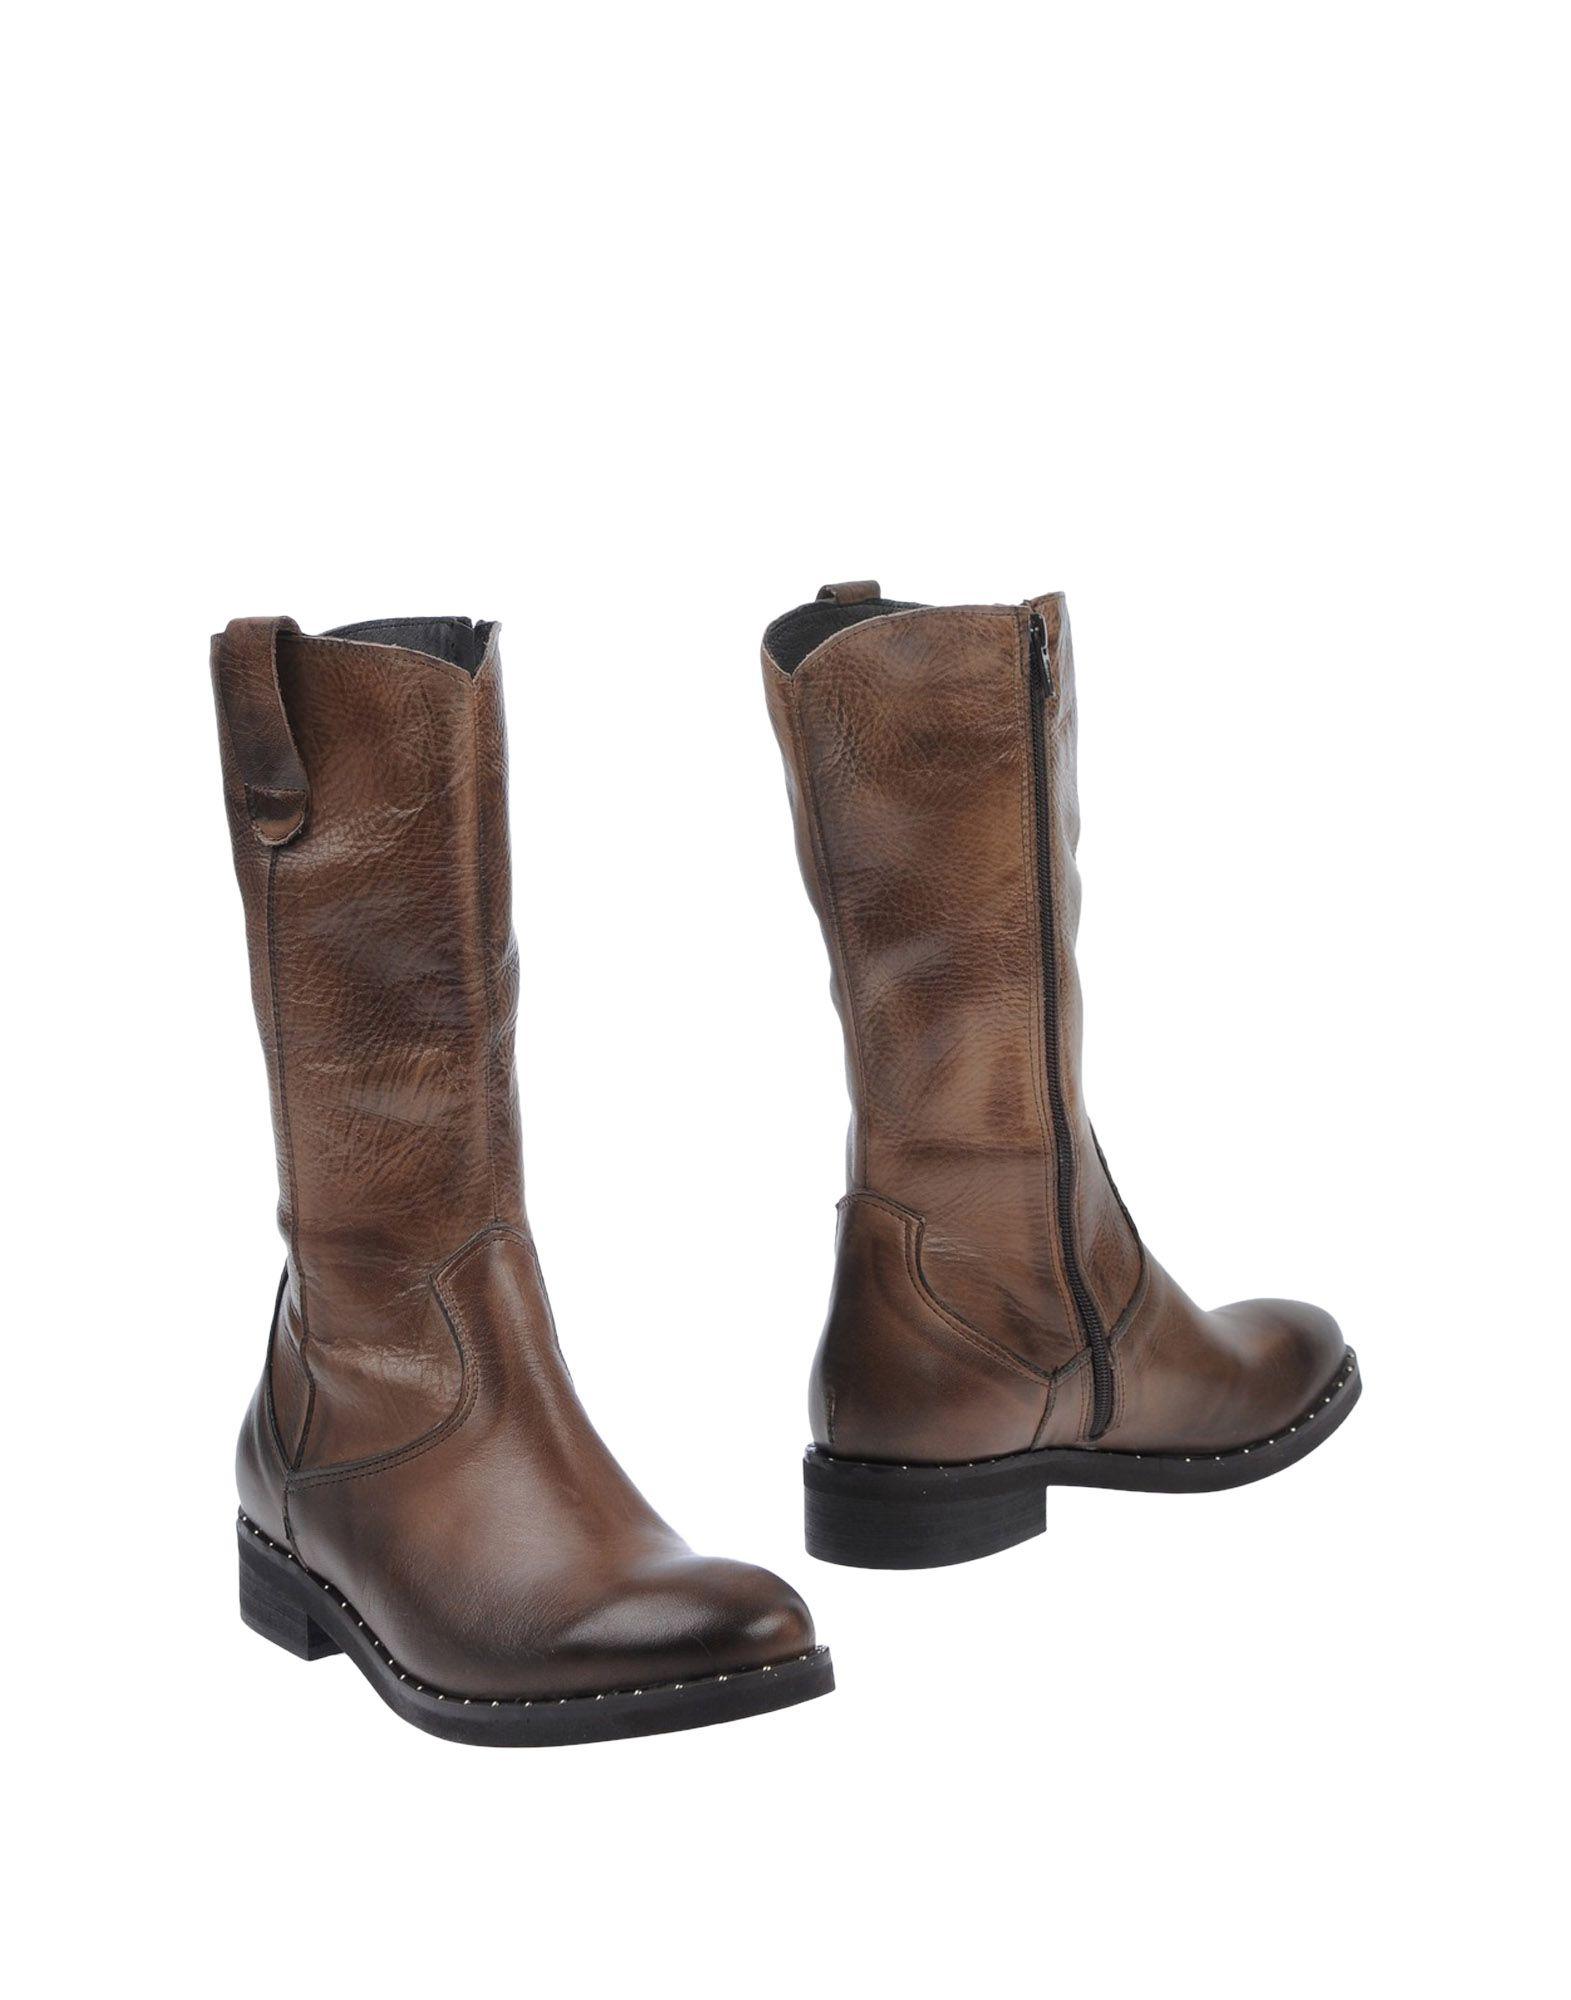 Tendenze Stiefelette Damen beliebte  11506915WR Gute Qualität beliebte Damen Schuhe df26f3